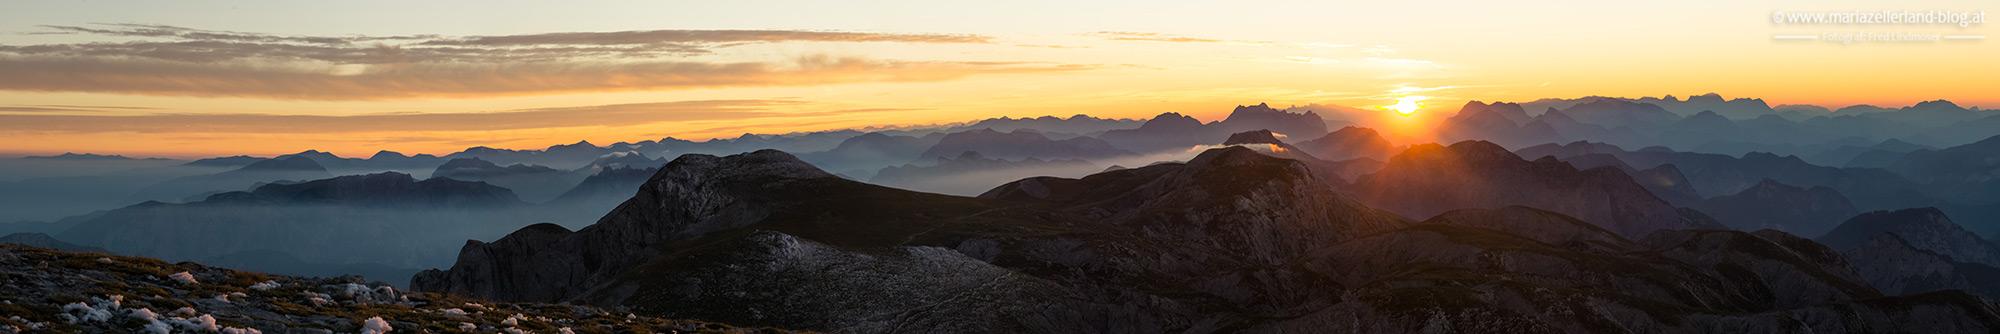 Hochschwab-Sonnenuntergang-Panorama-DSC01465-Panorama-_1